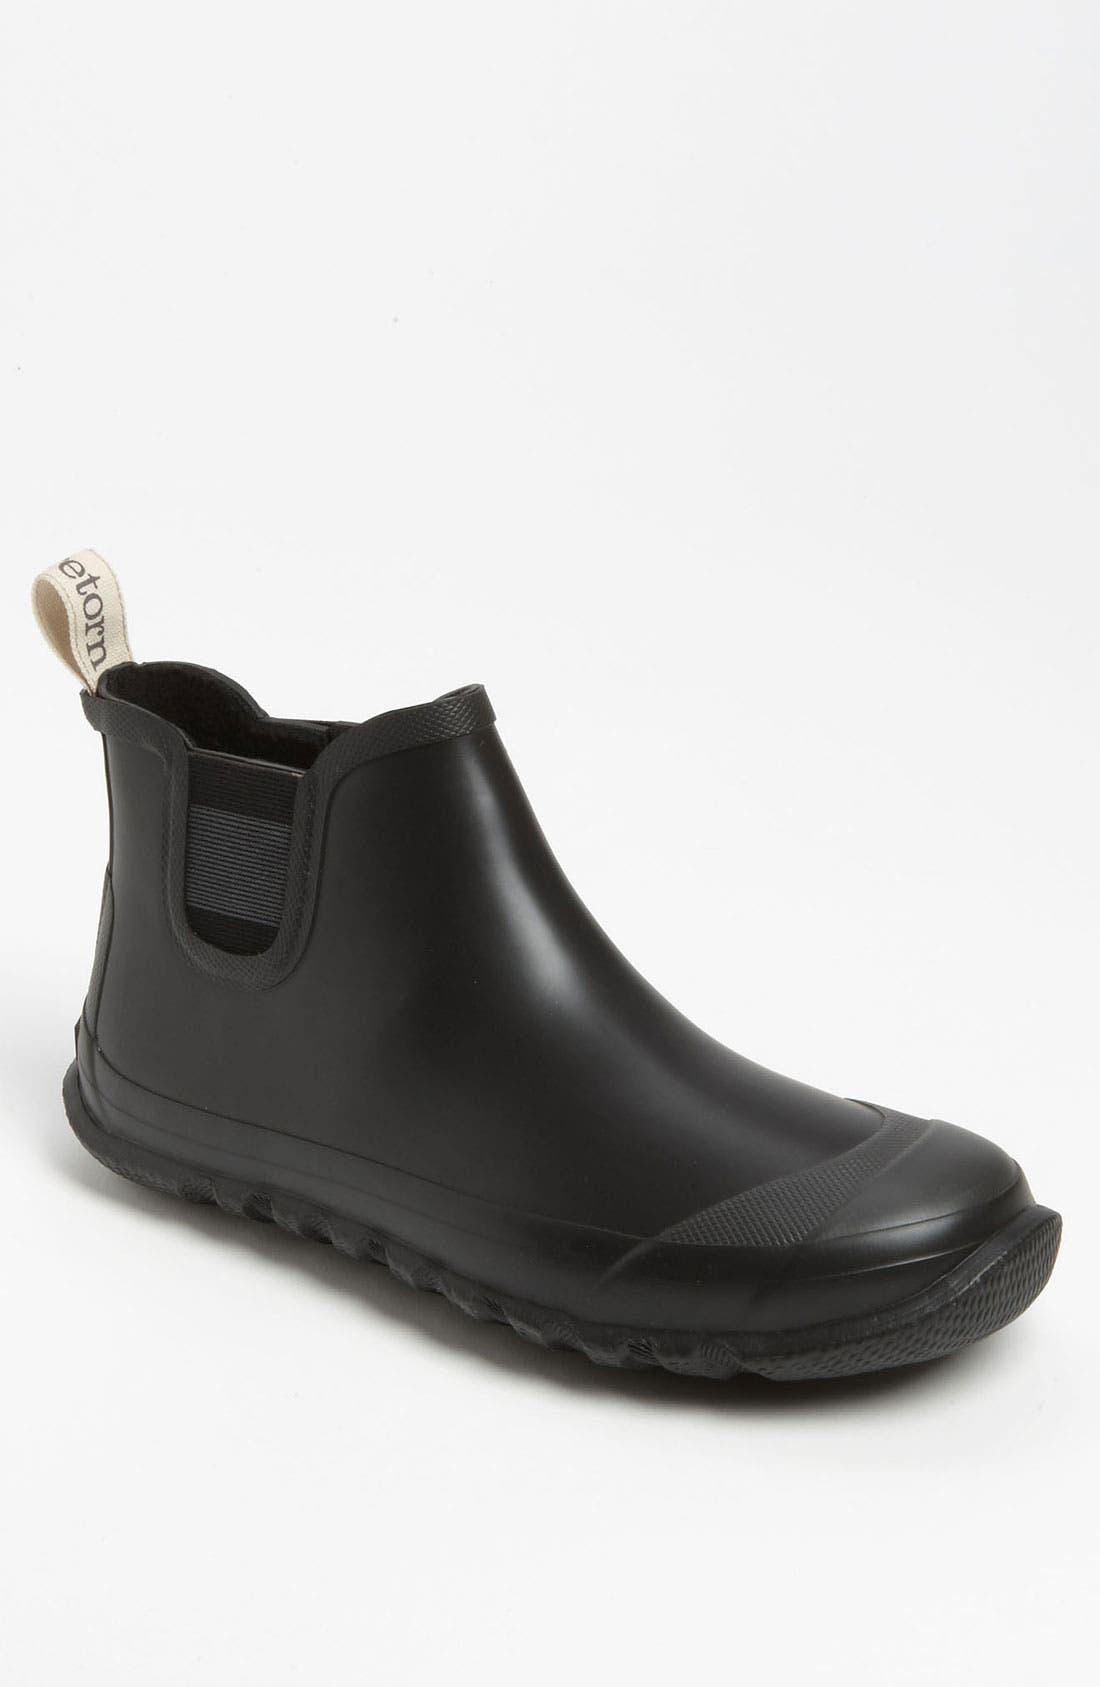 Main Image - Tretorn 'Årsta' Rain Boot